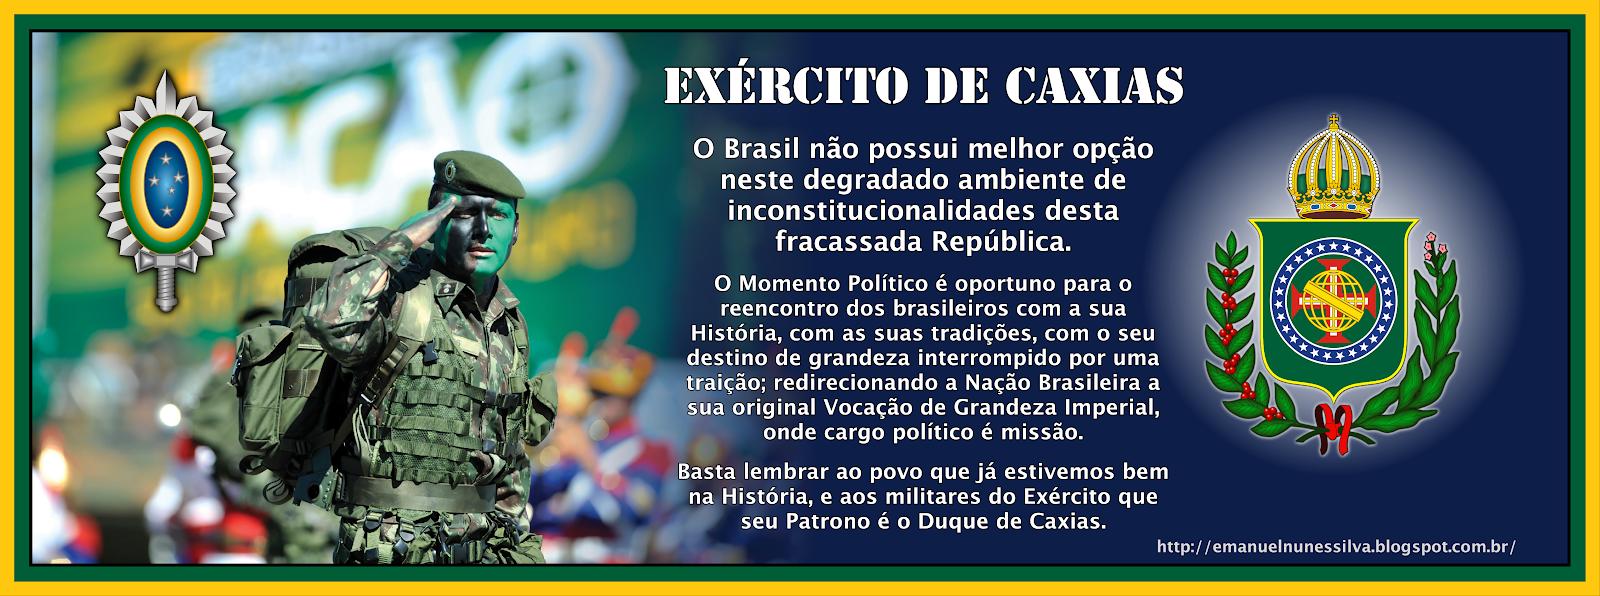 Exército de  Caxias